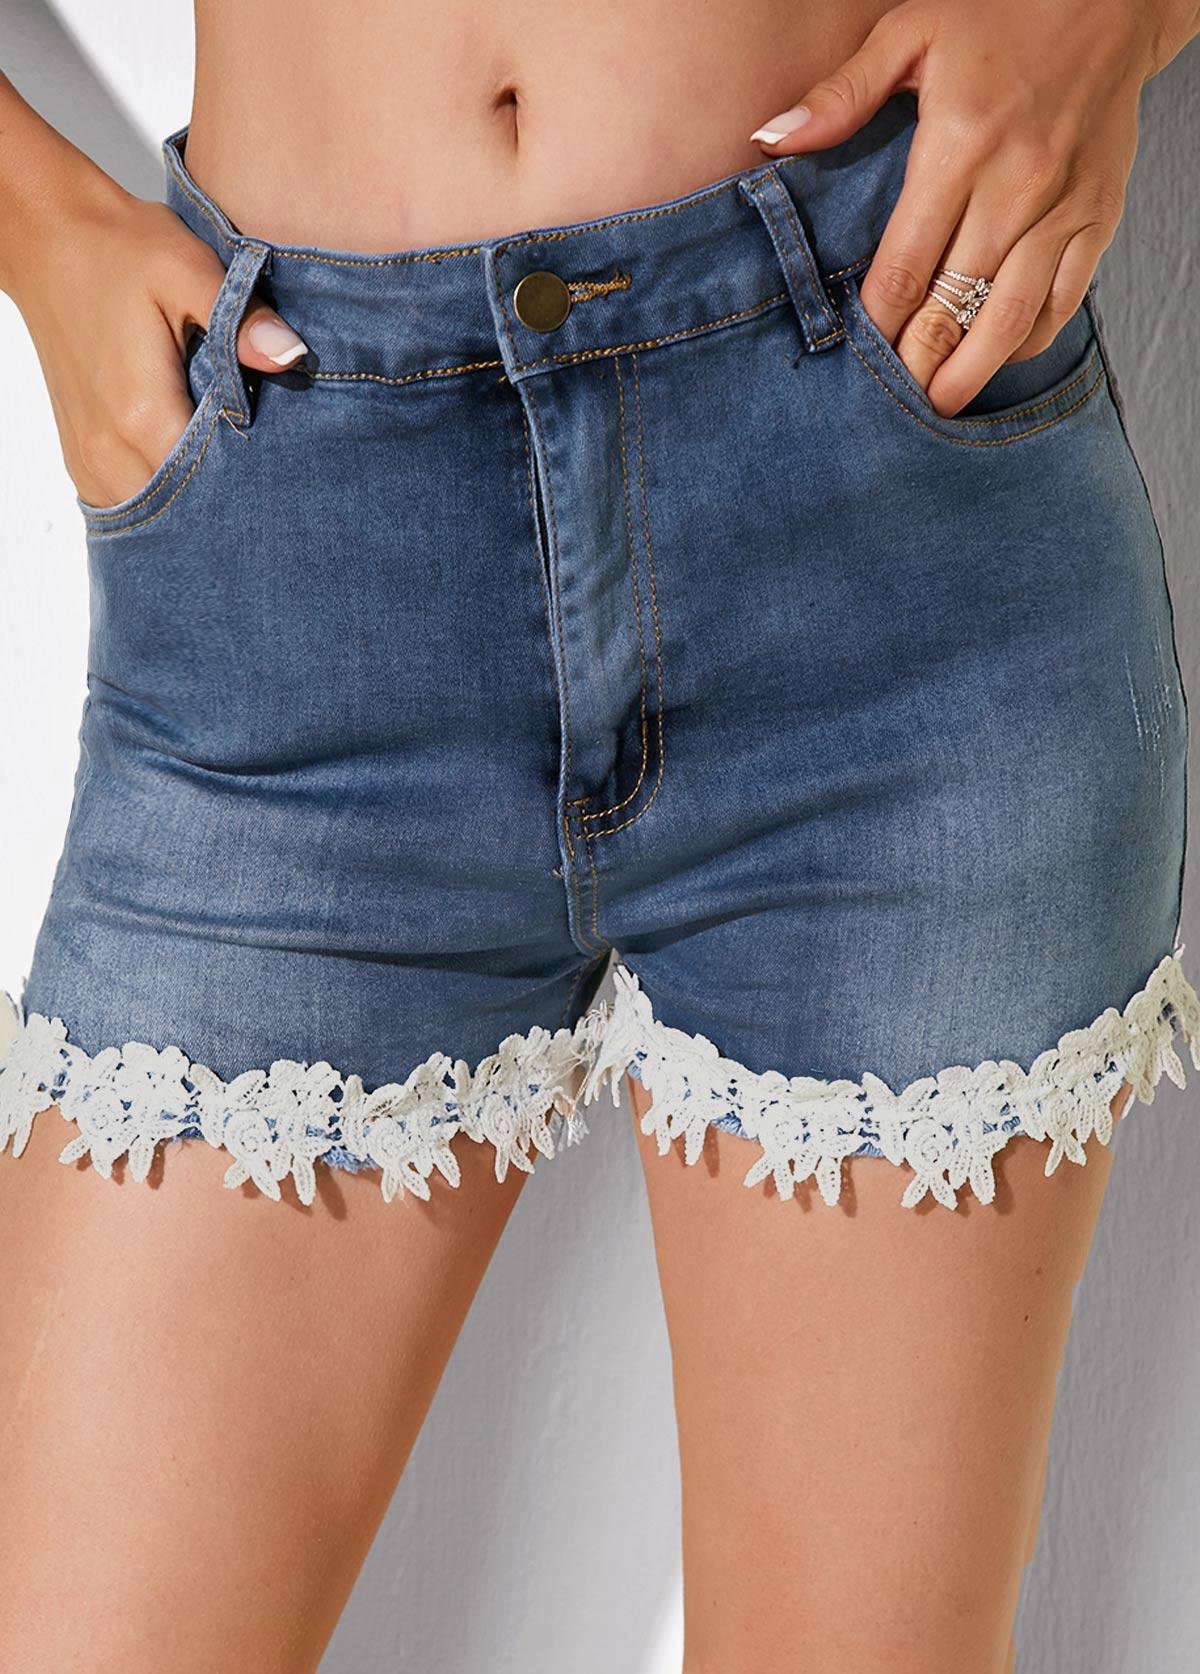 ROTITA Slant Pocket Lace Trim Denim Shorts